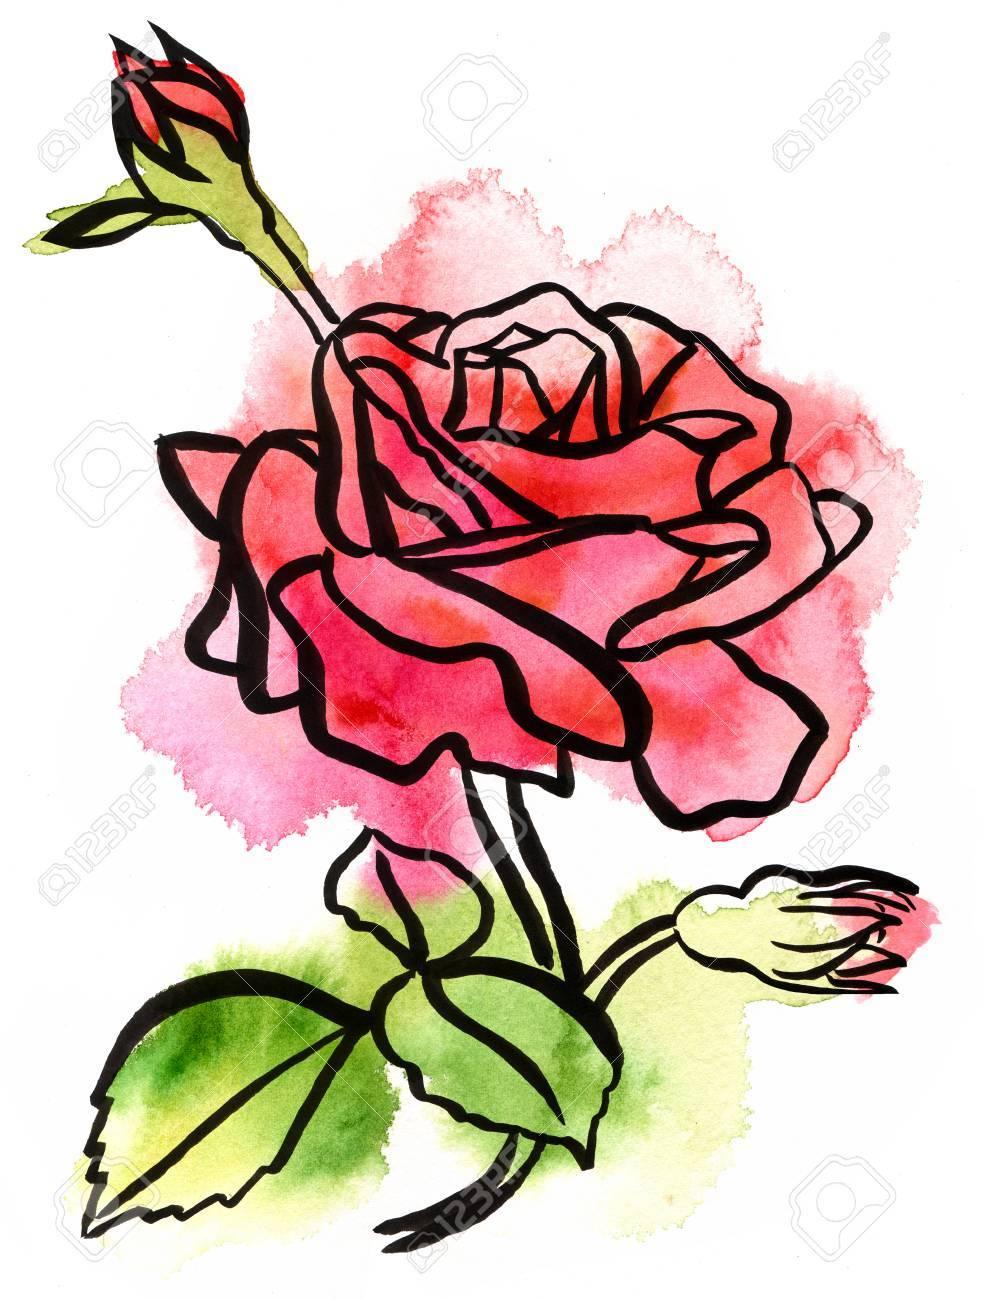 Un Dessin A L Encre Et A L Aquarelle A La Main D Une Branche De Rose